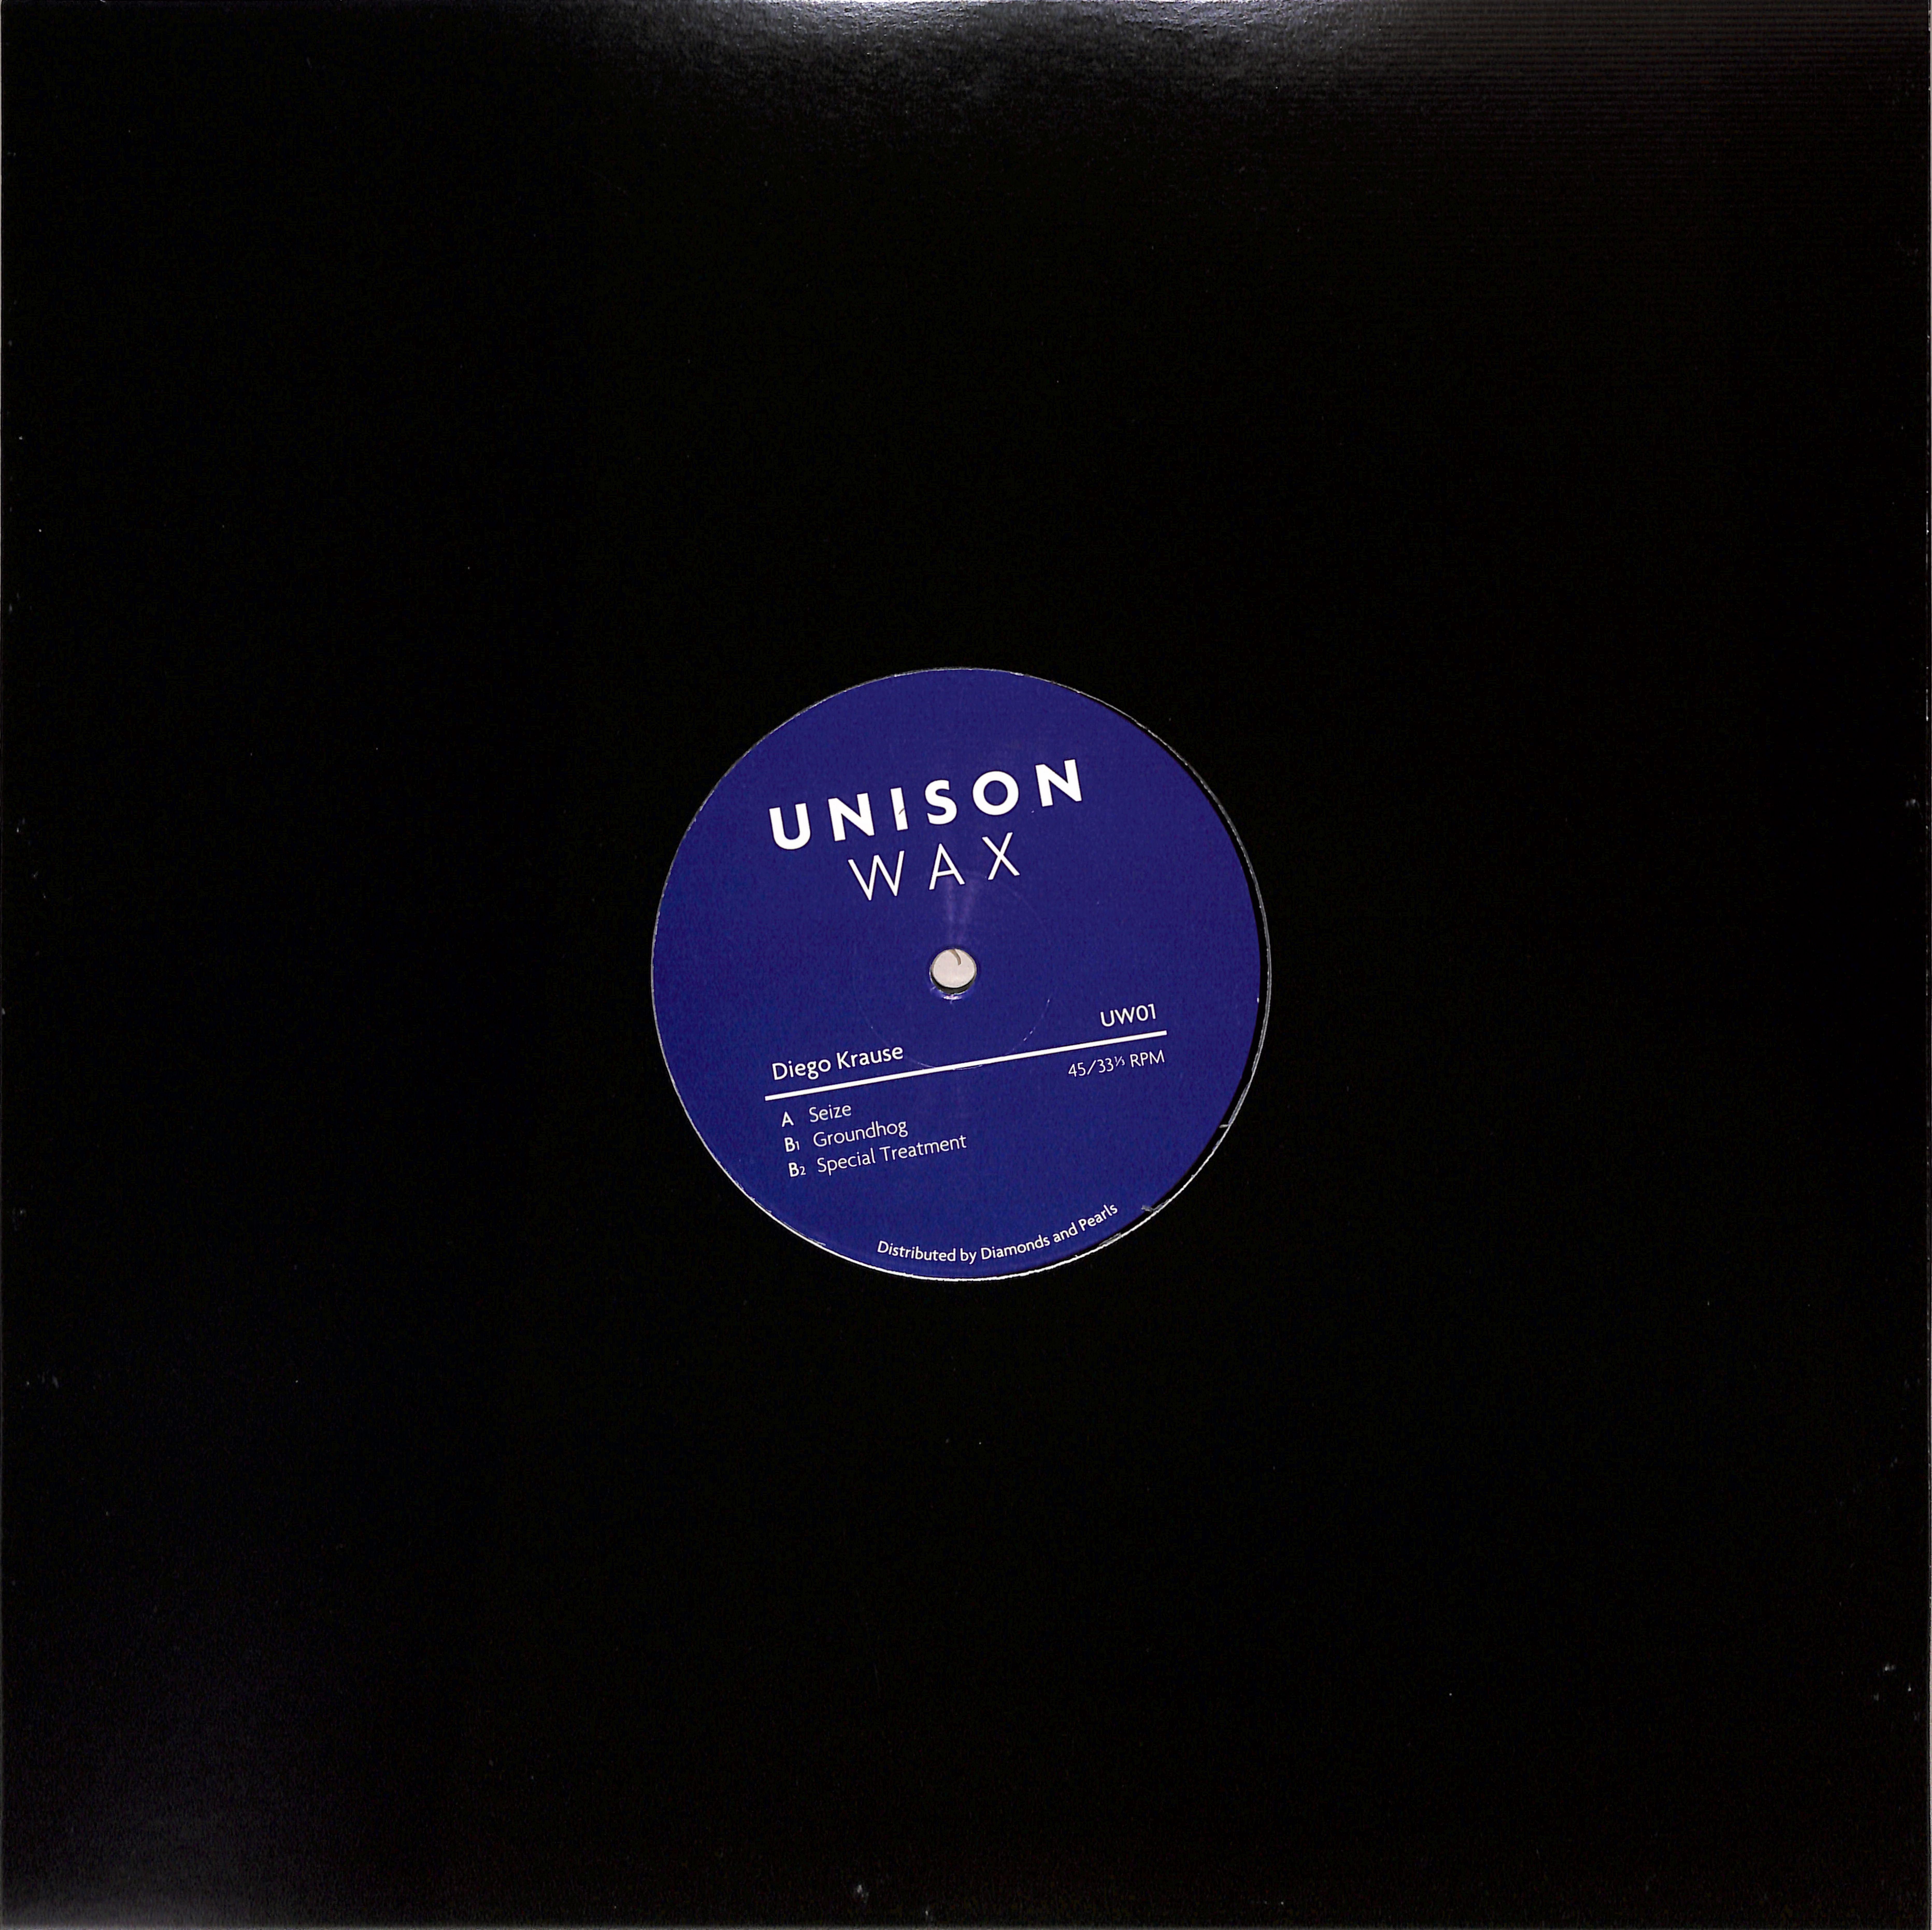 Diego Krause - UNISON WAX 01